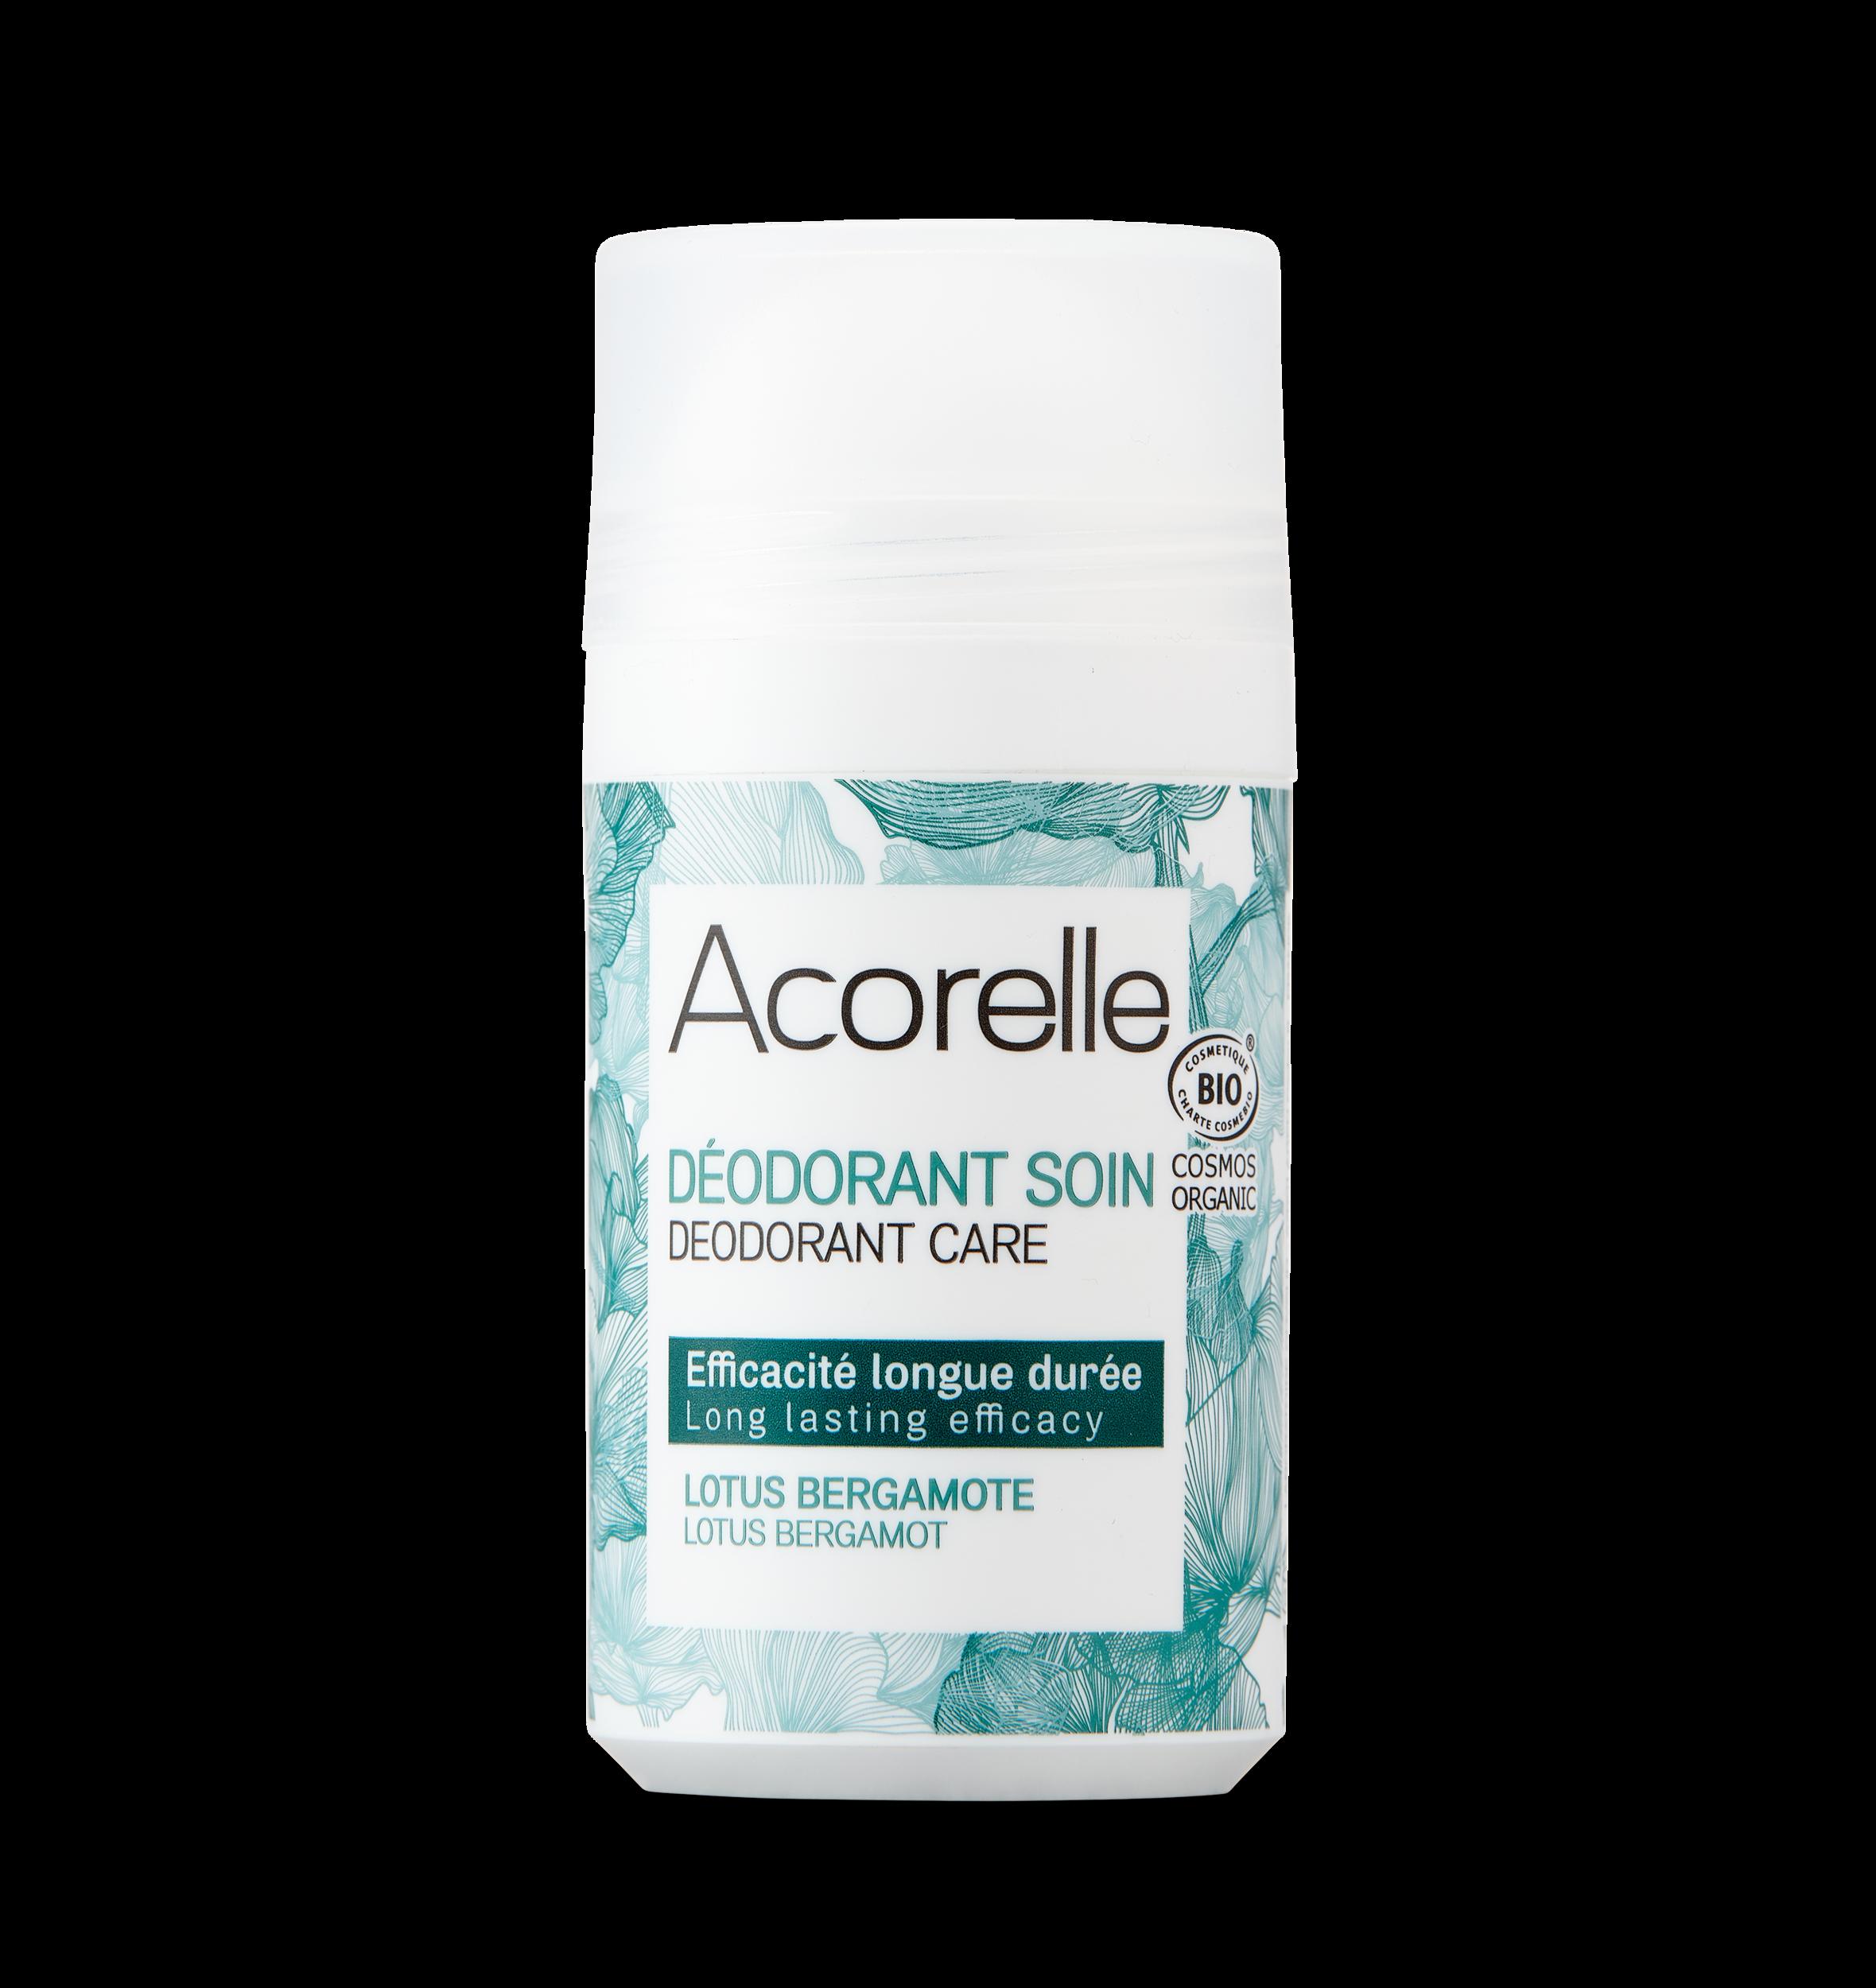 Acorelle-Deodorant-Lotus-Bergamote